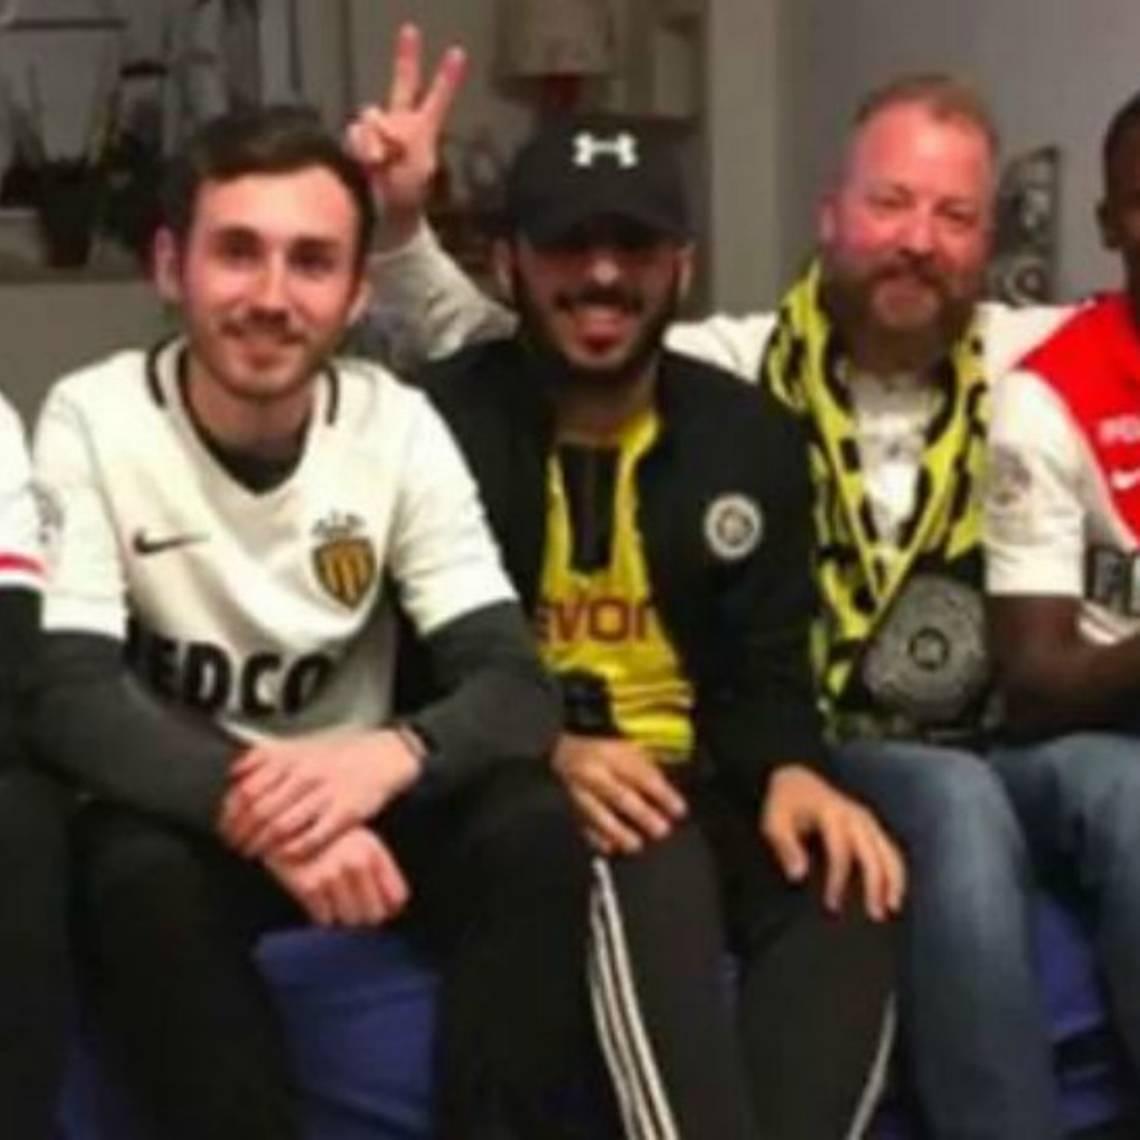 Solidarios gestos entre hinchas tras explosión en bus del Borussia